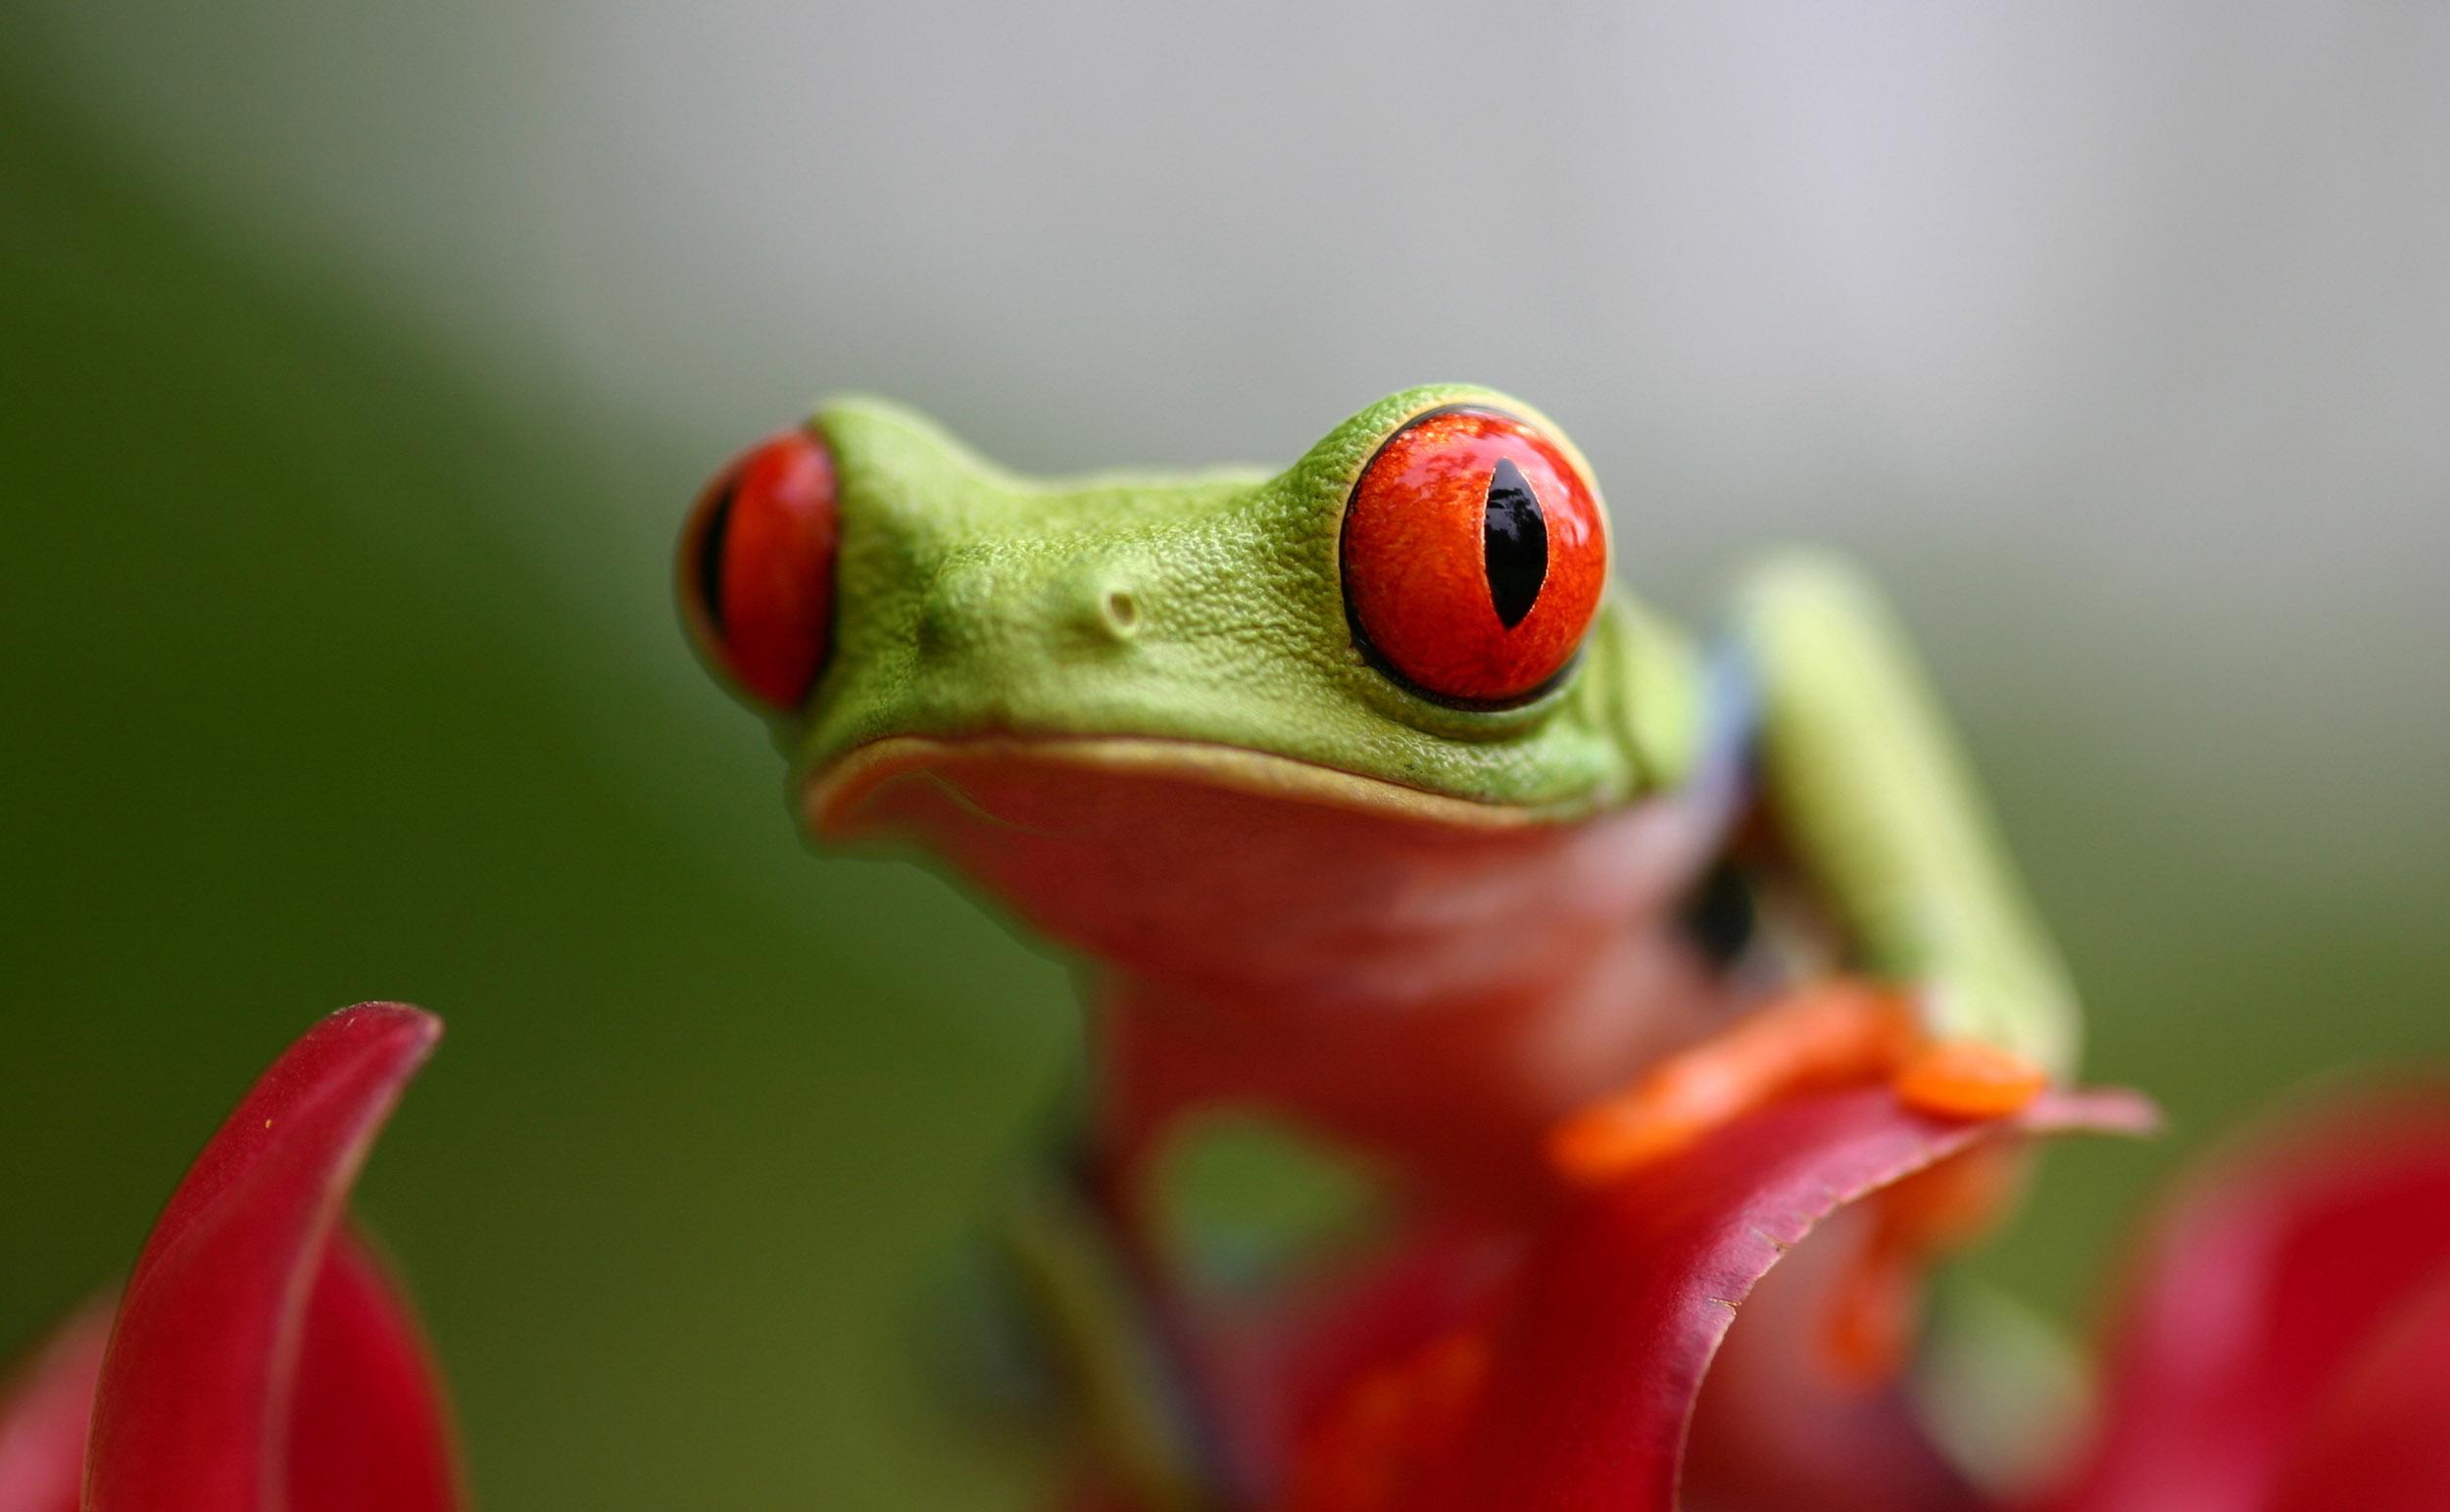 macro foto van een groene kikker met grote rode ogen